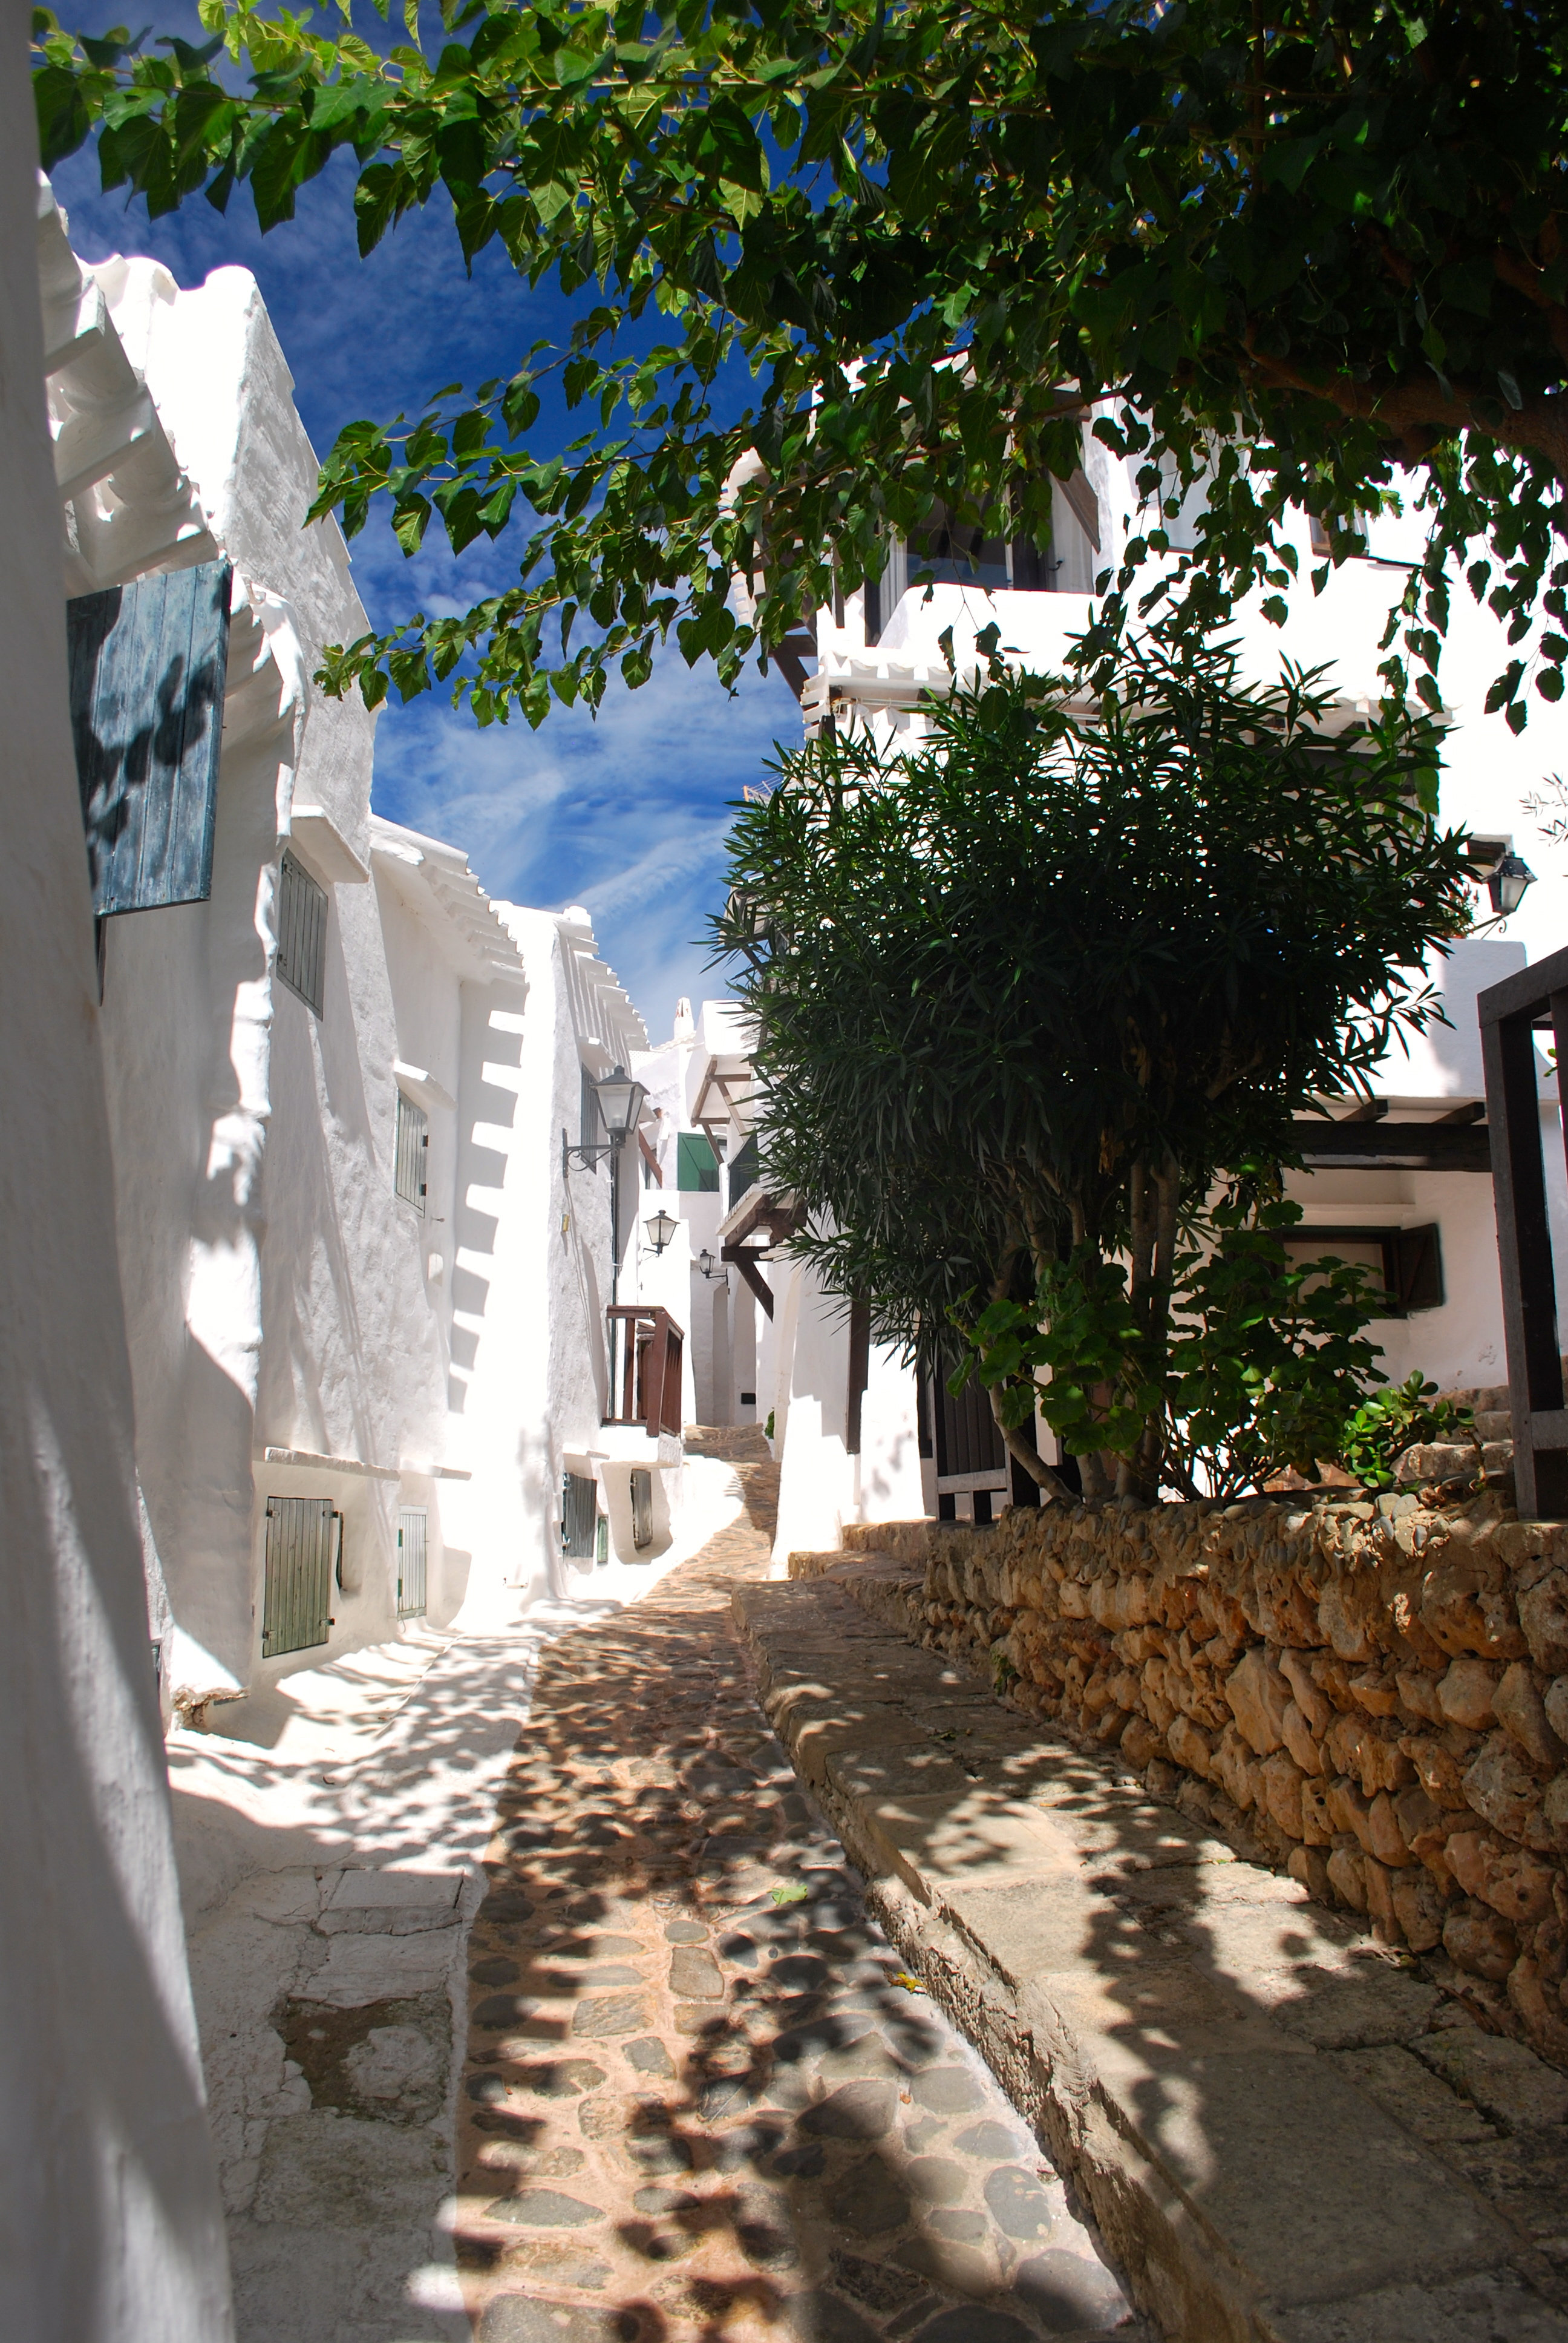 Sun dappled  pedestrian-only street in Binibecca Vell, Menorca